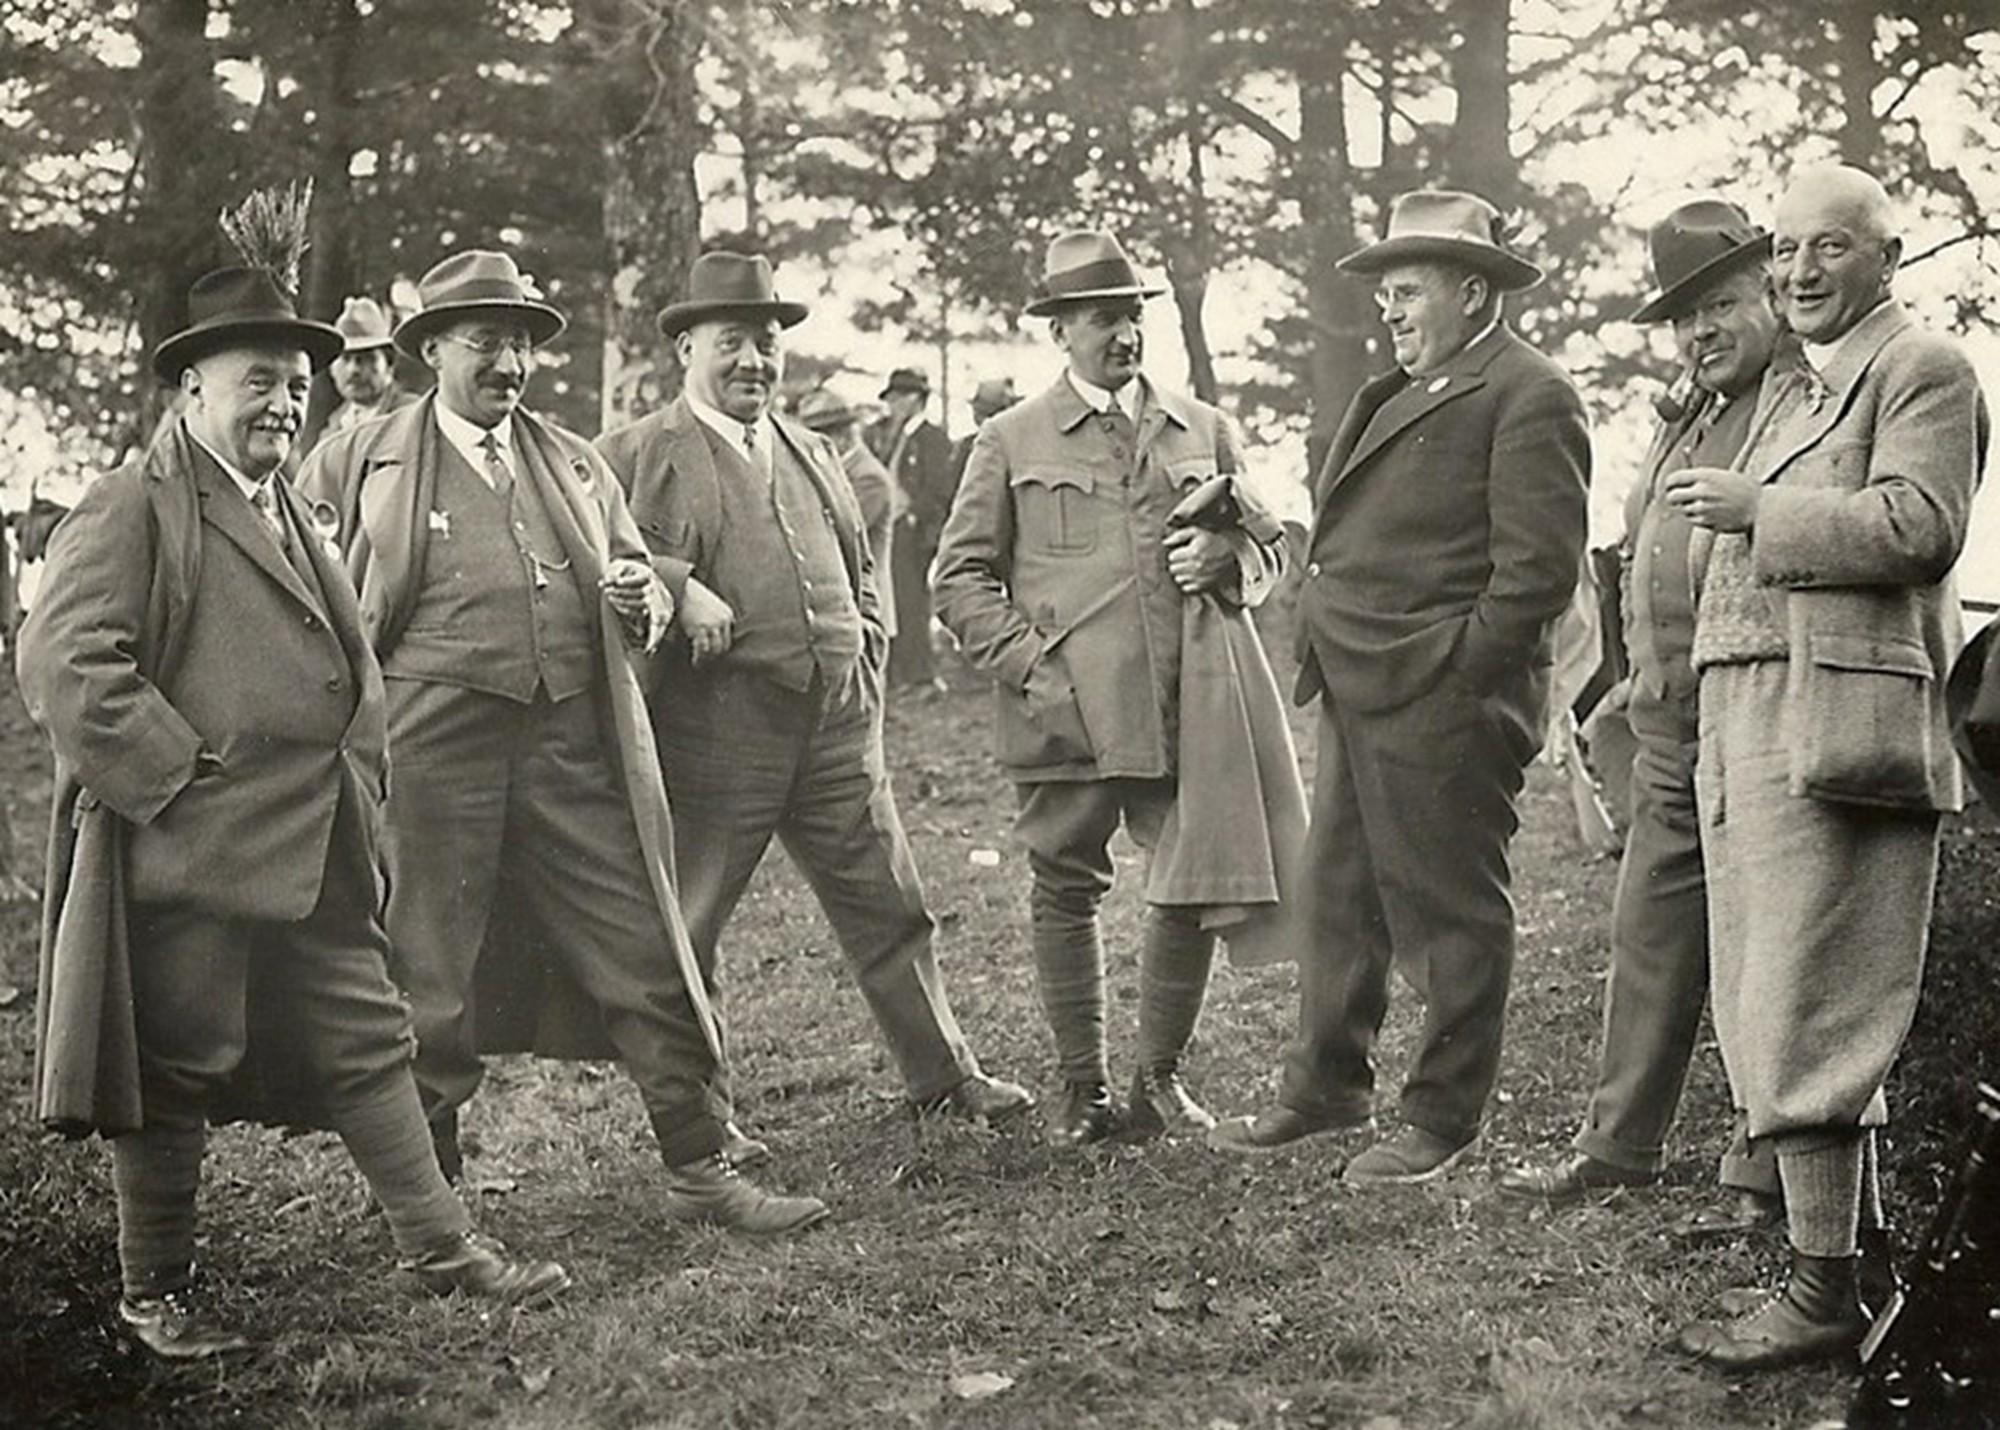 Die Feuerschützen am Rütlischiessen 1932